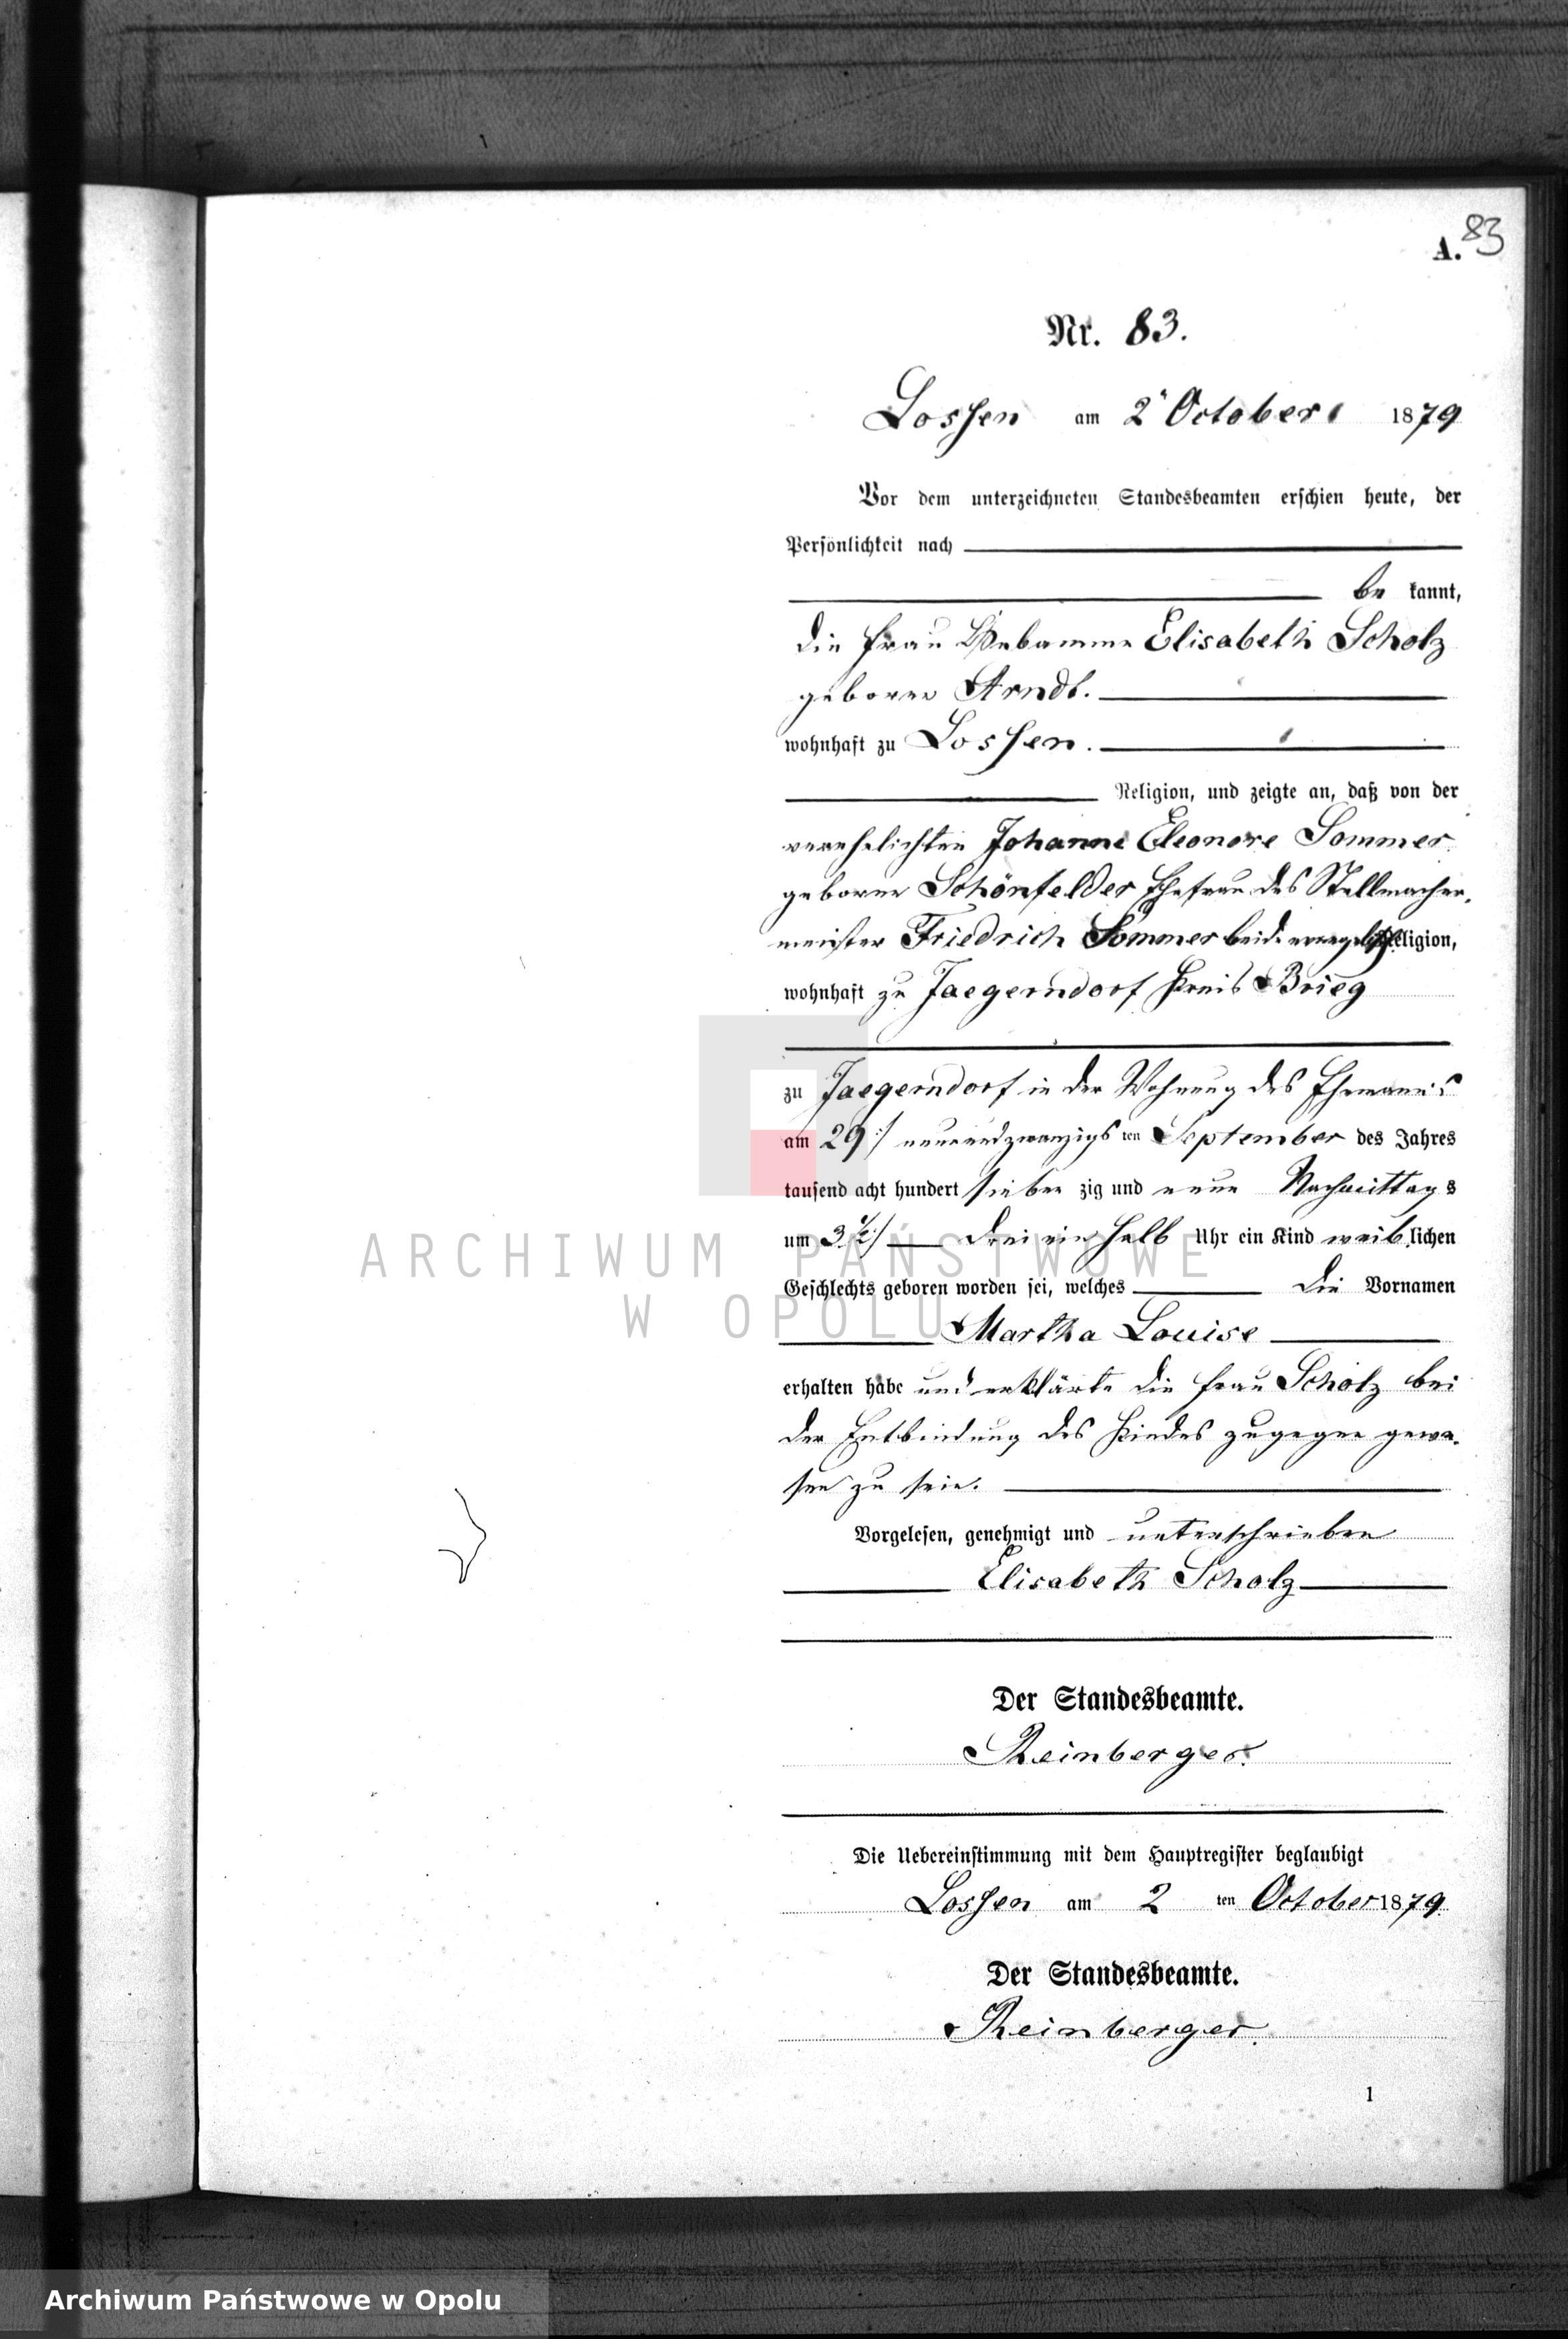 Skan z jednostki: Geburts-Neben-Register Standes-Amt Lossen 1879